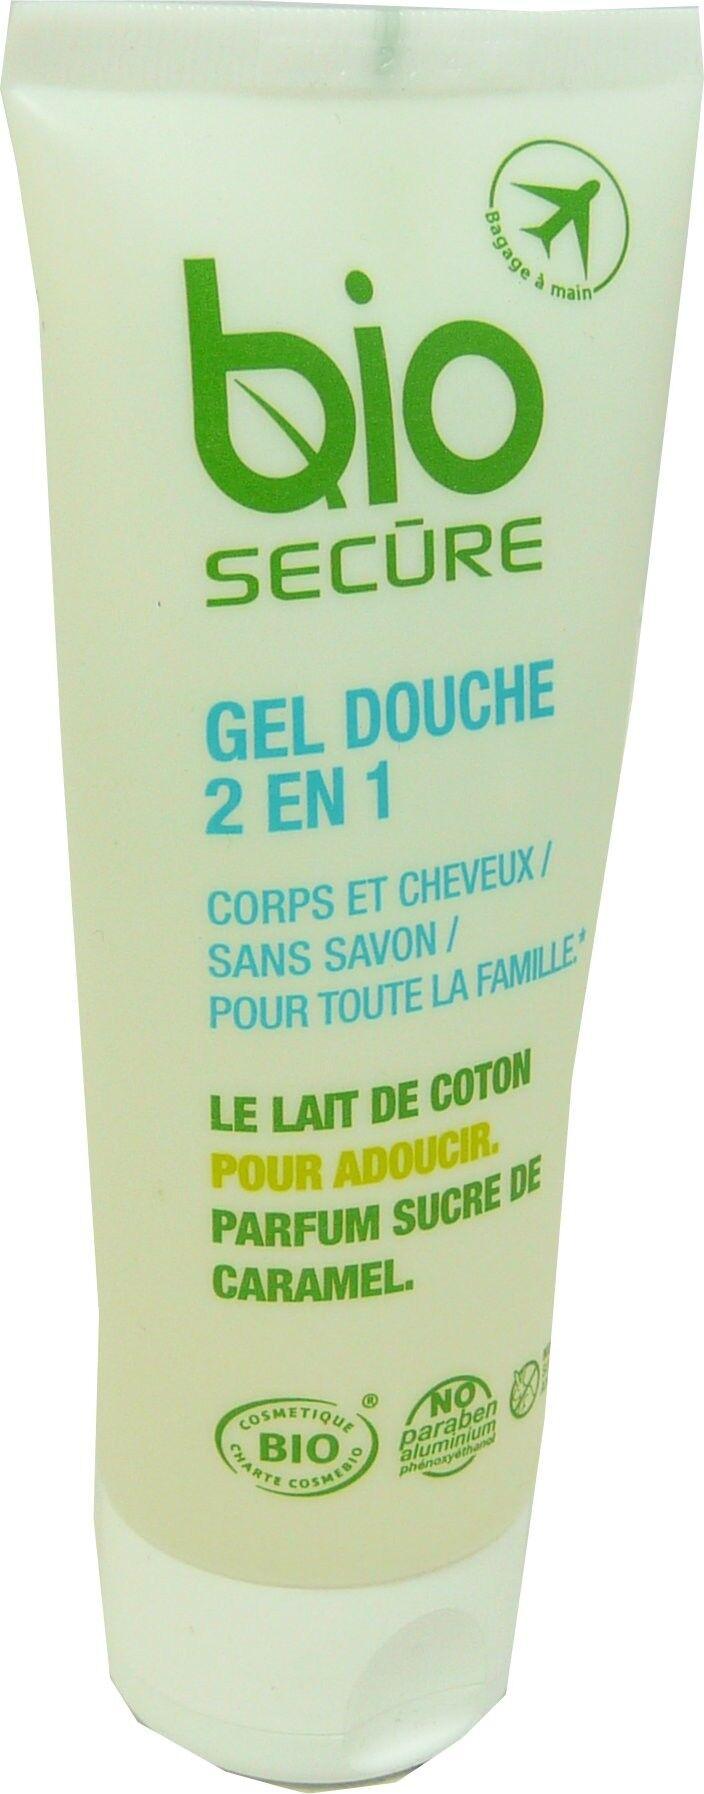 Bio secure gel douche 2 en 1 corps et cheveux sans savon